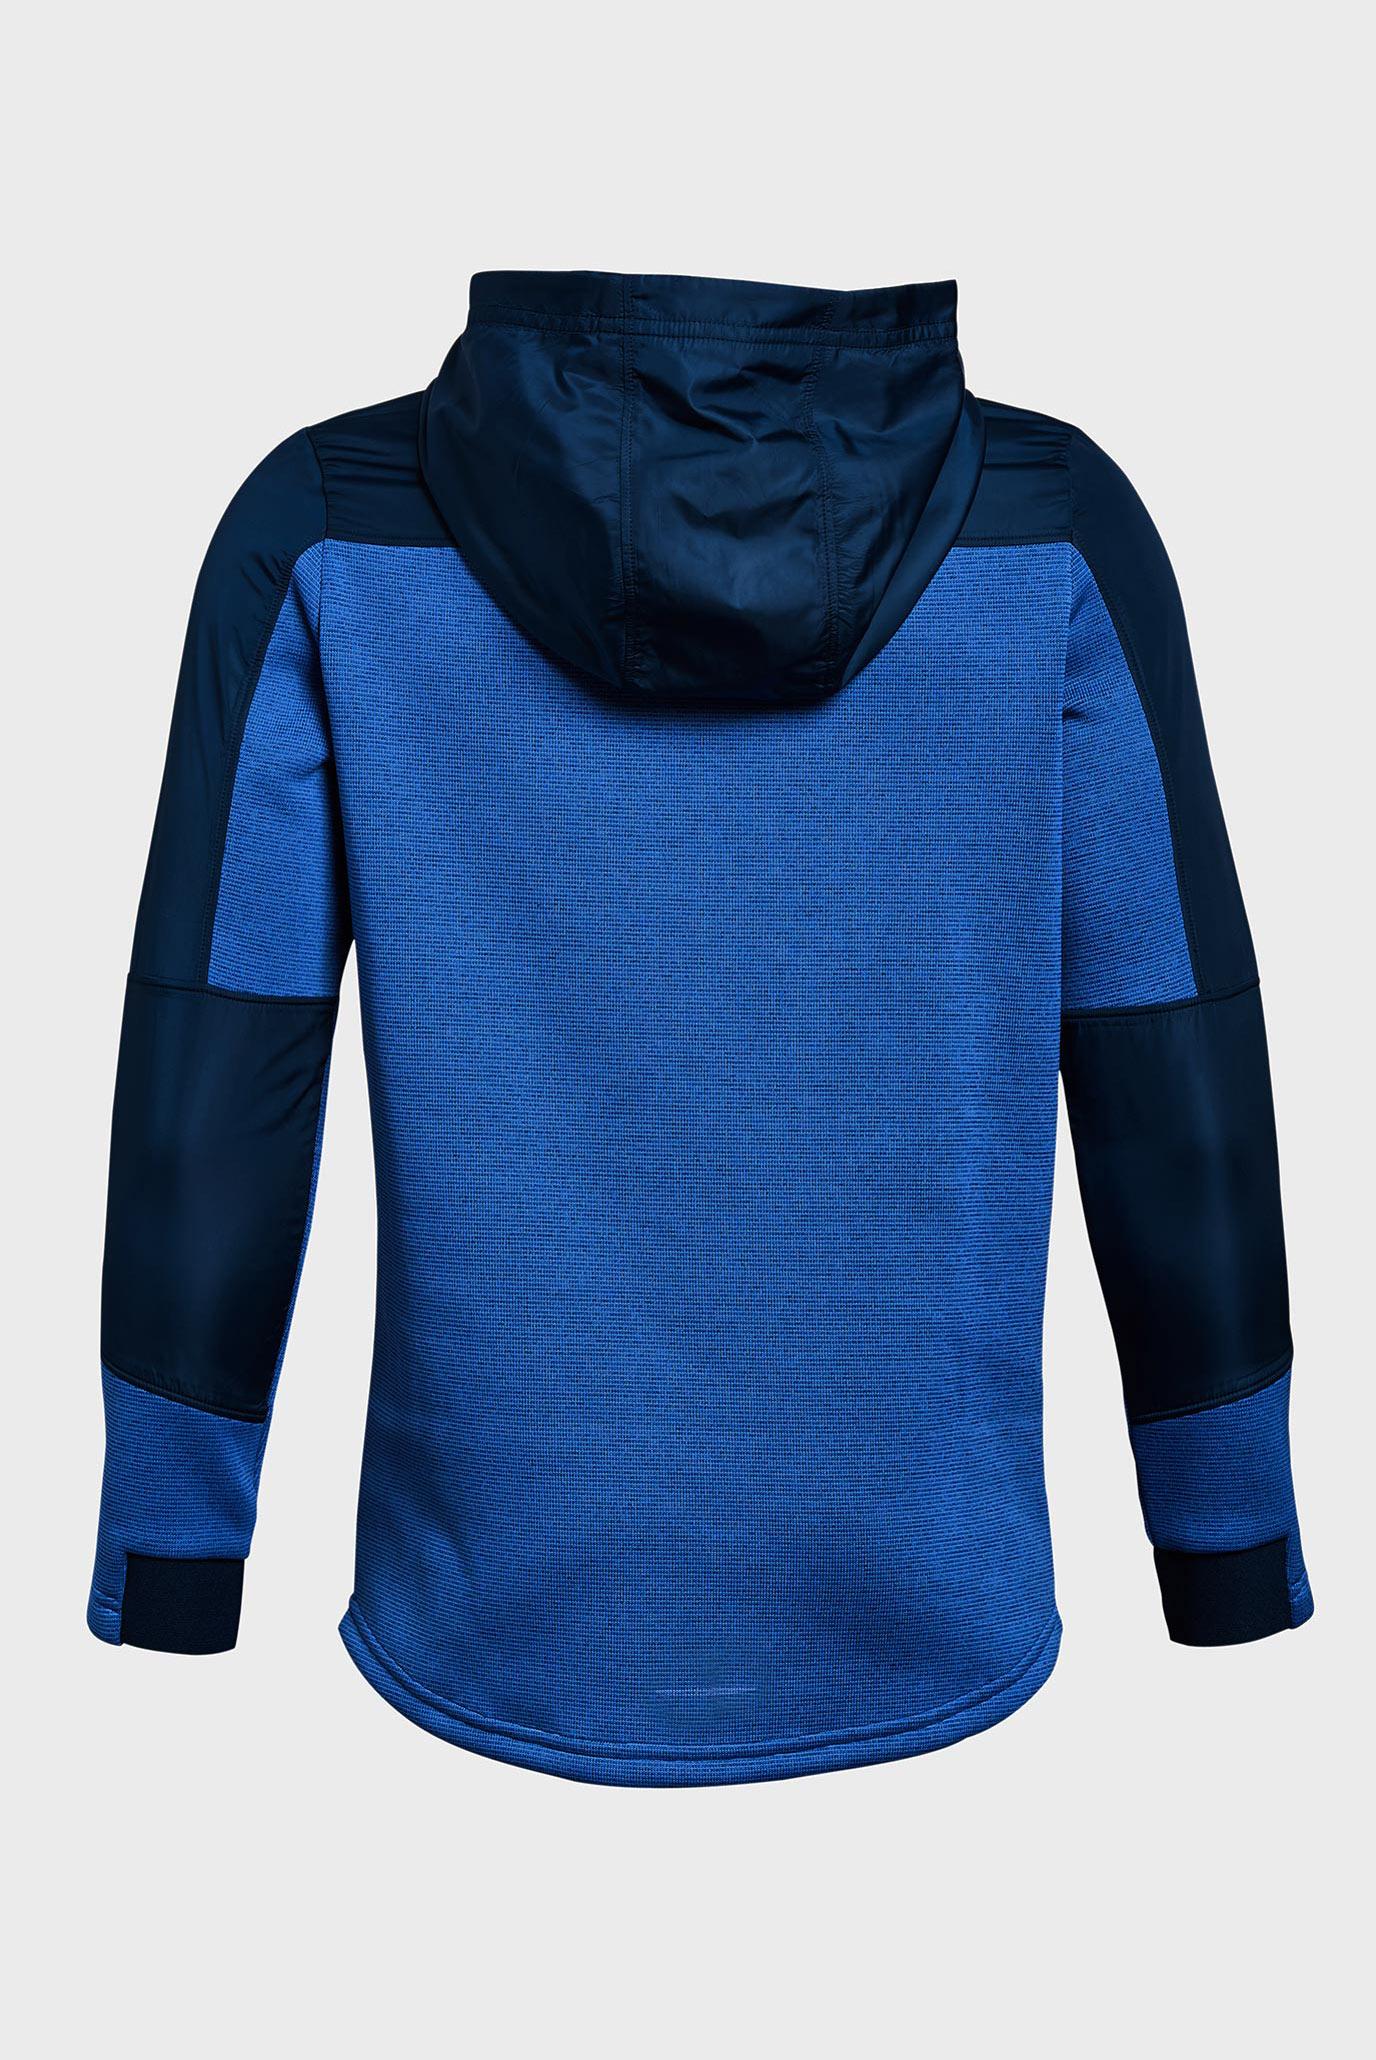 Купить Детская синяя куртка Swacket Under Armour Under Armour 1318266-400 – Киев, Украина. Цены в интернет магазине MD Fashion